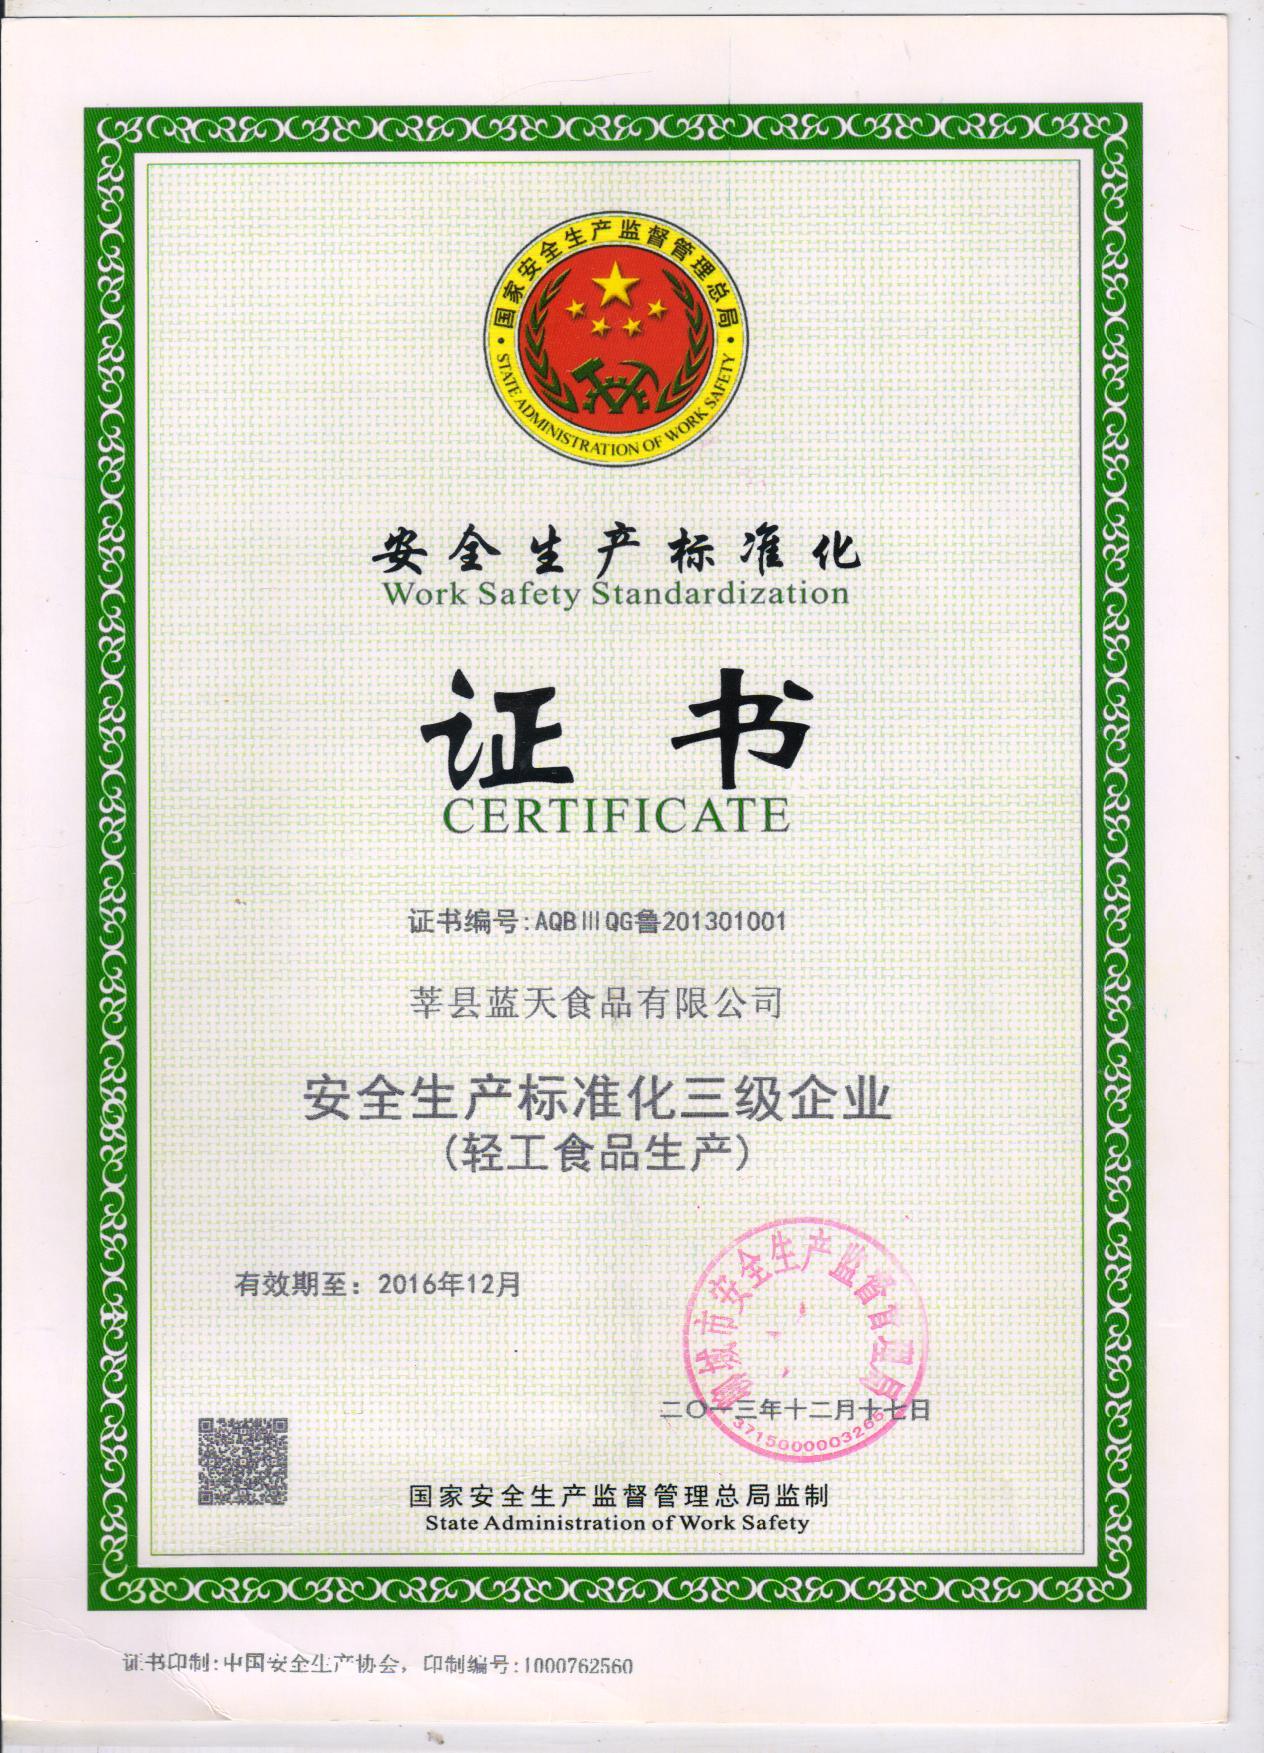 安全生产标准化证书-资质荣誉-山东省蓝天食品有限